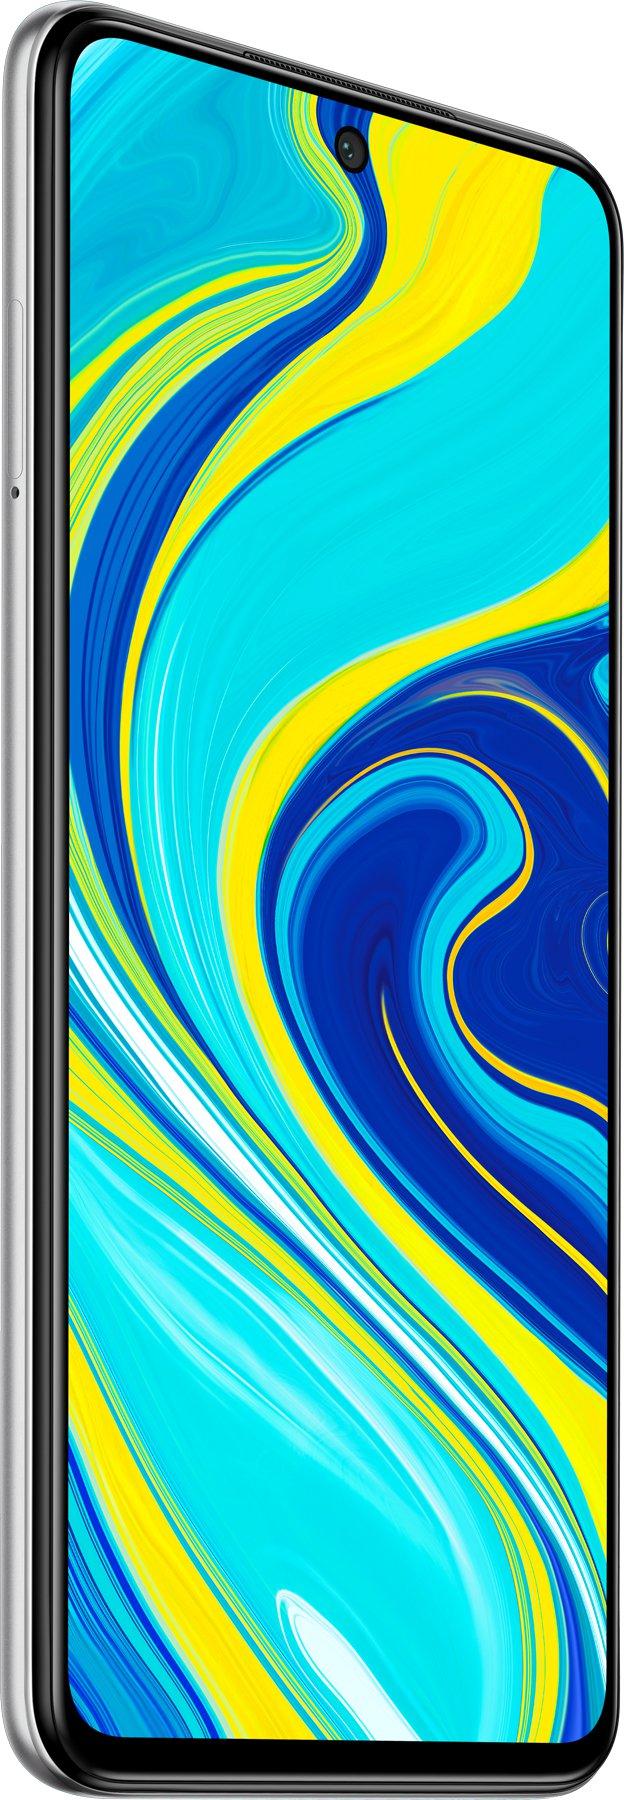 Xiaomi Redmi Note 9S 6GB/128GB White - 3